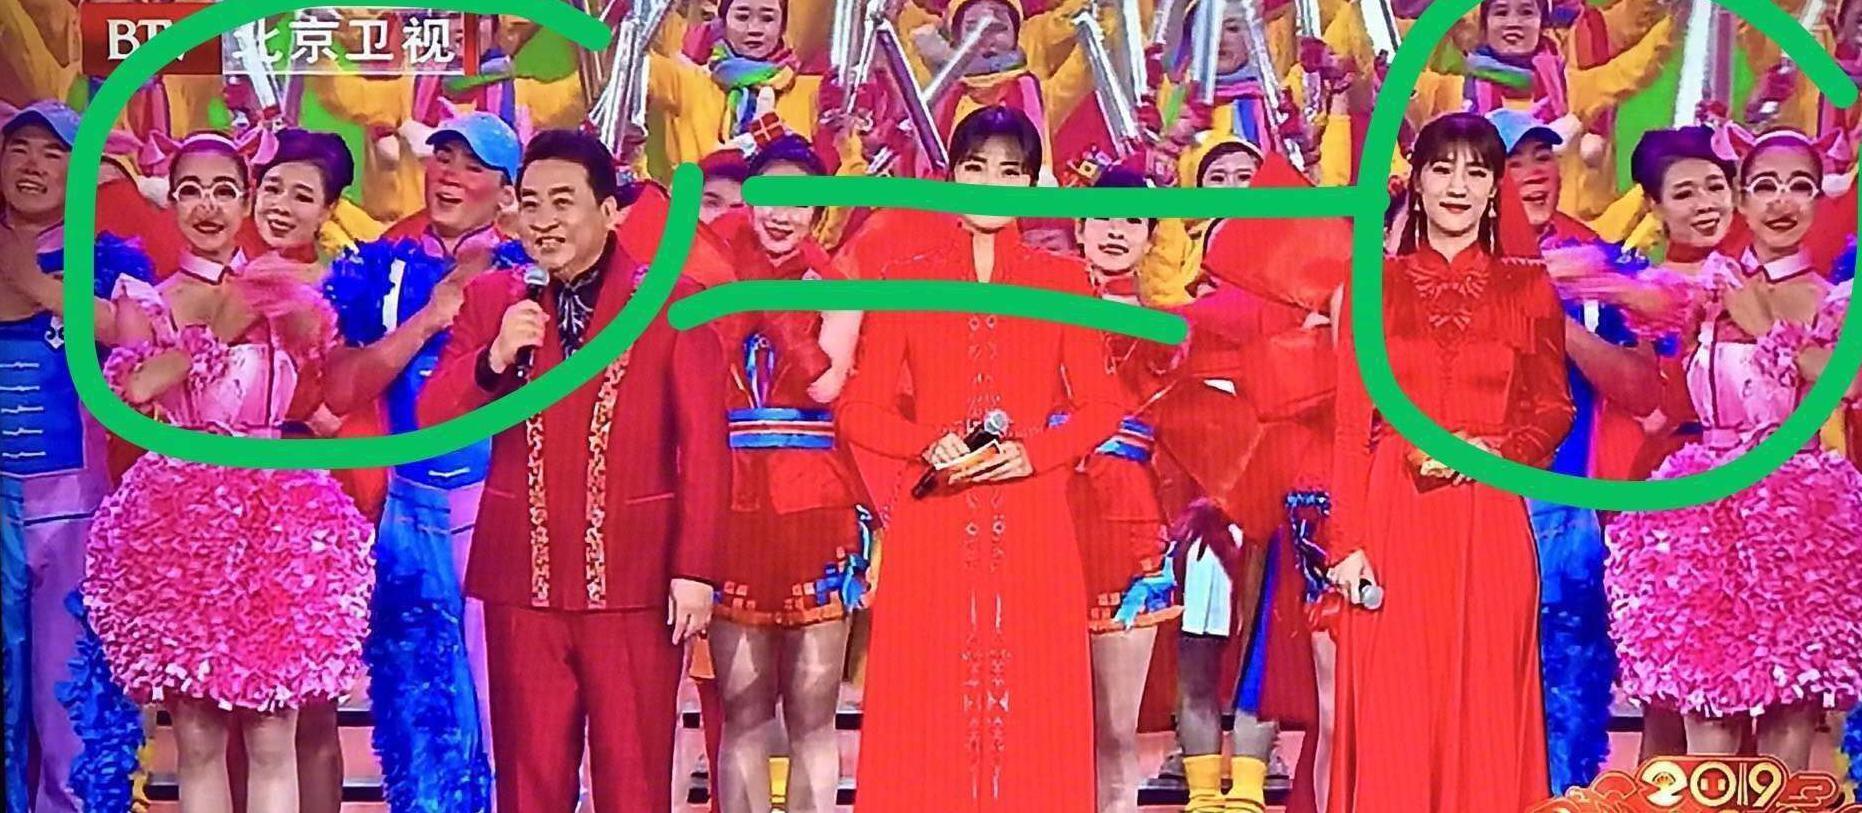 囧哥:北京台如何P掉吴秀波的